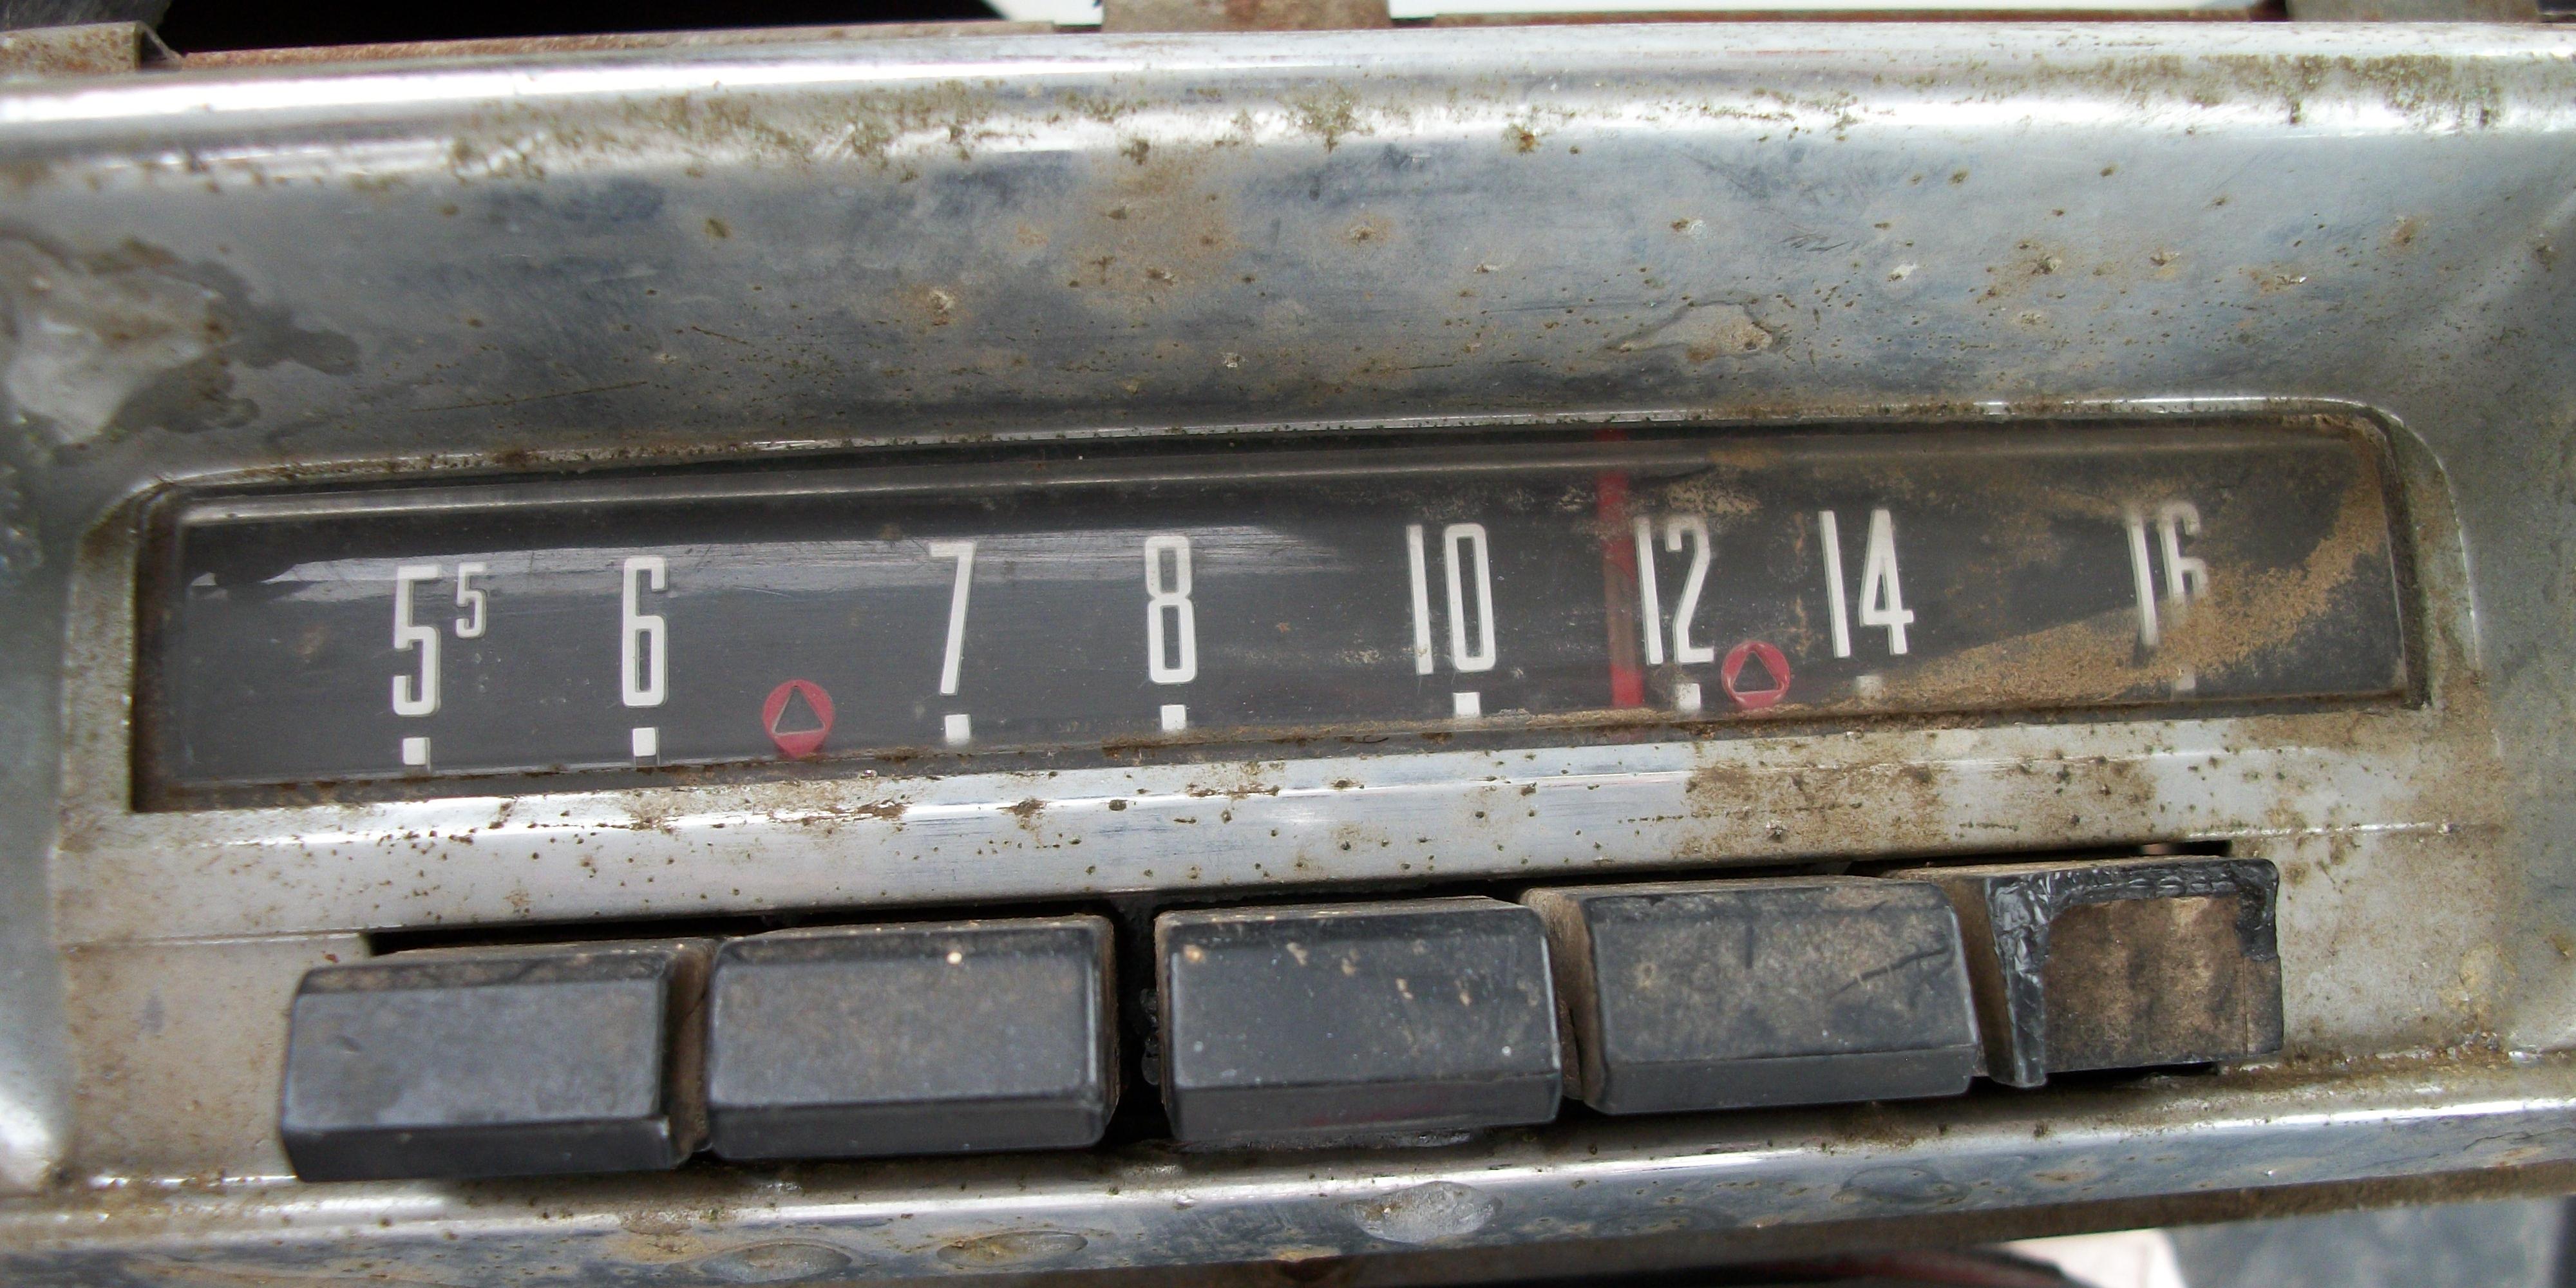 Car Radio That Shows Car Info